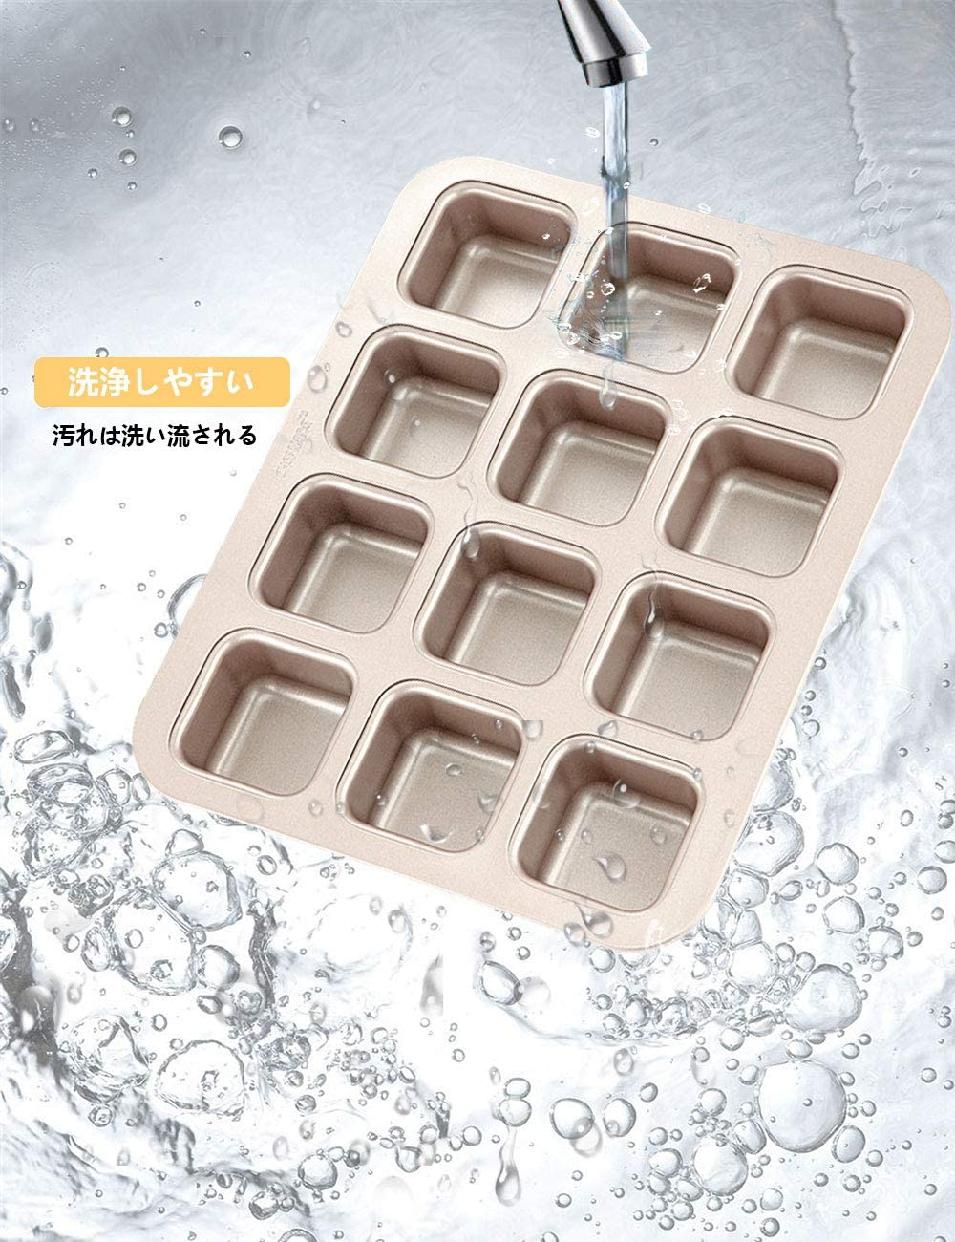 CHEFMADE(シェフメイド)マフィン型 12ヶ取 シャンパンゴールドの商品画像4